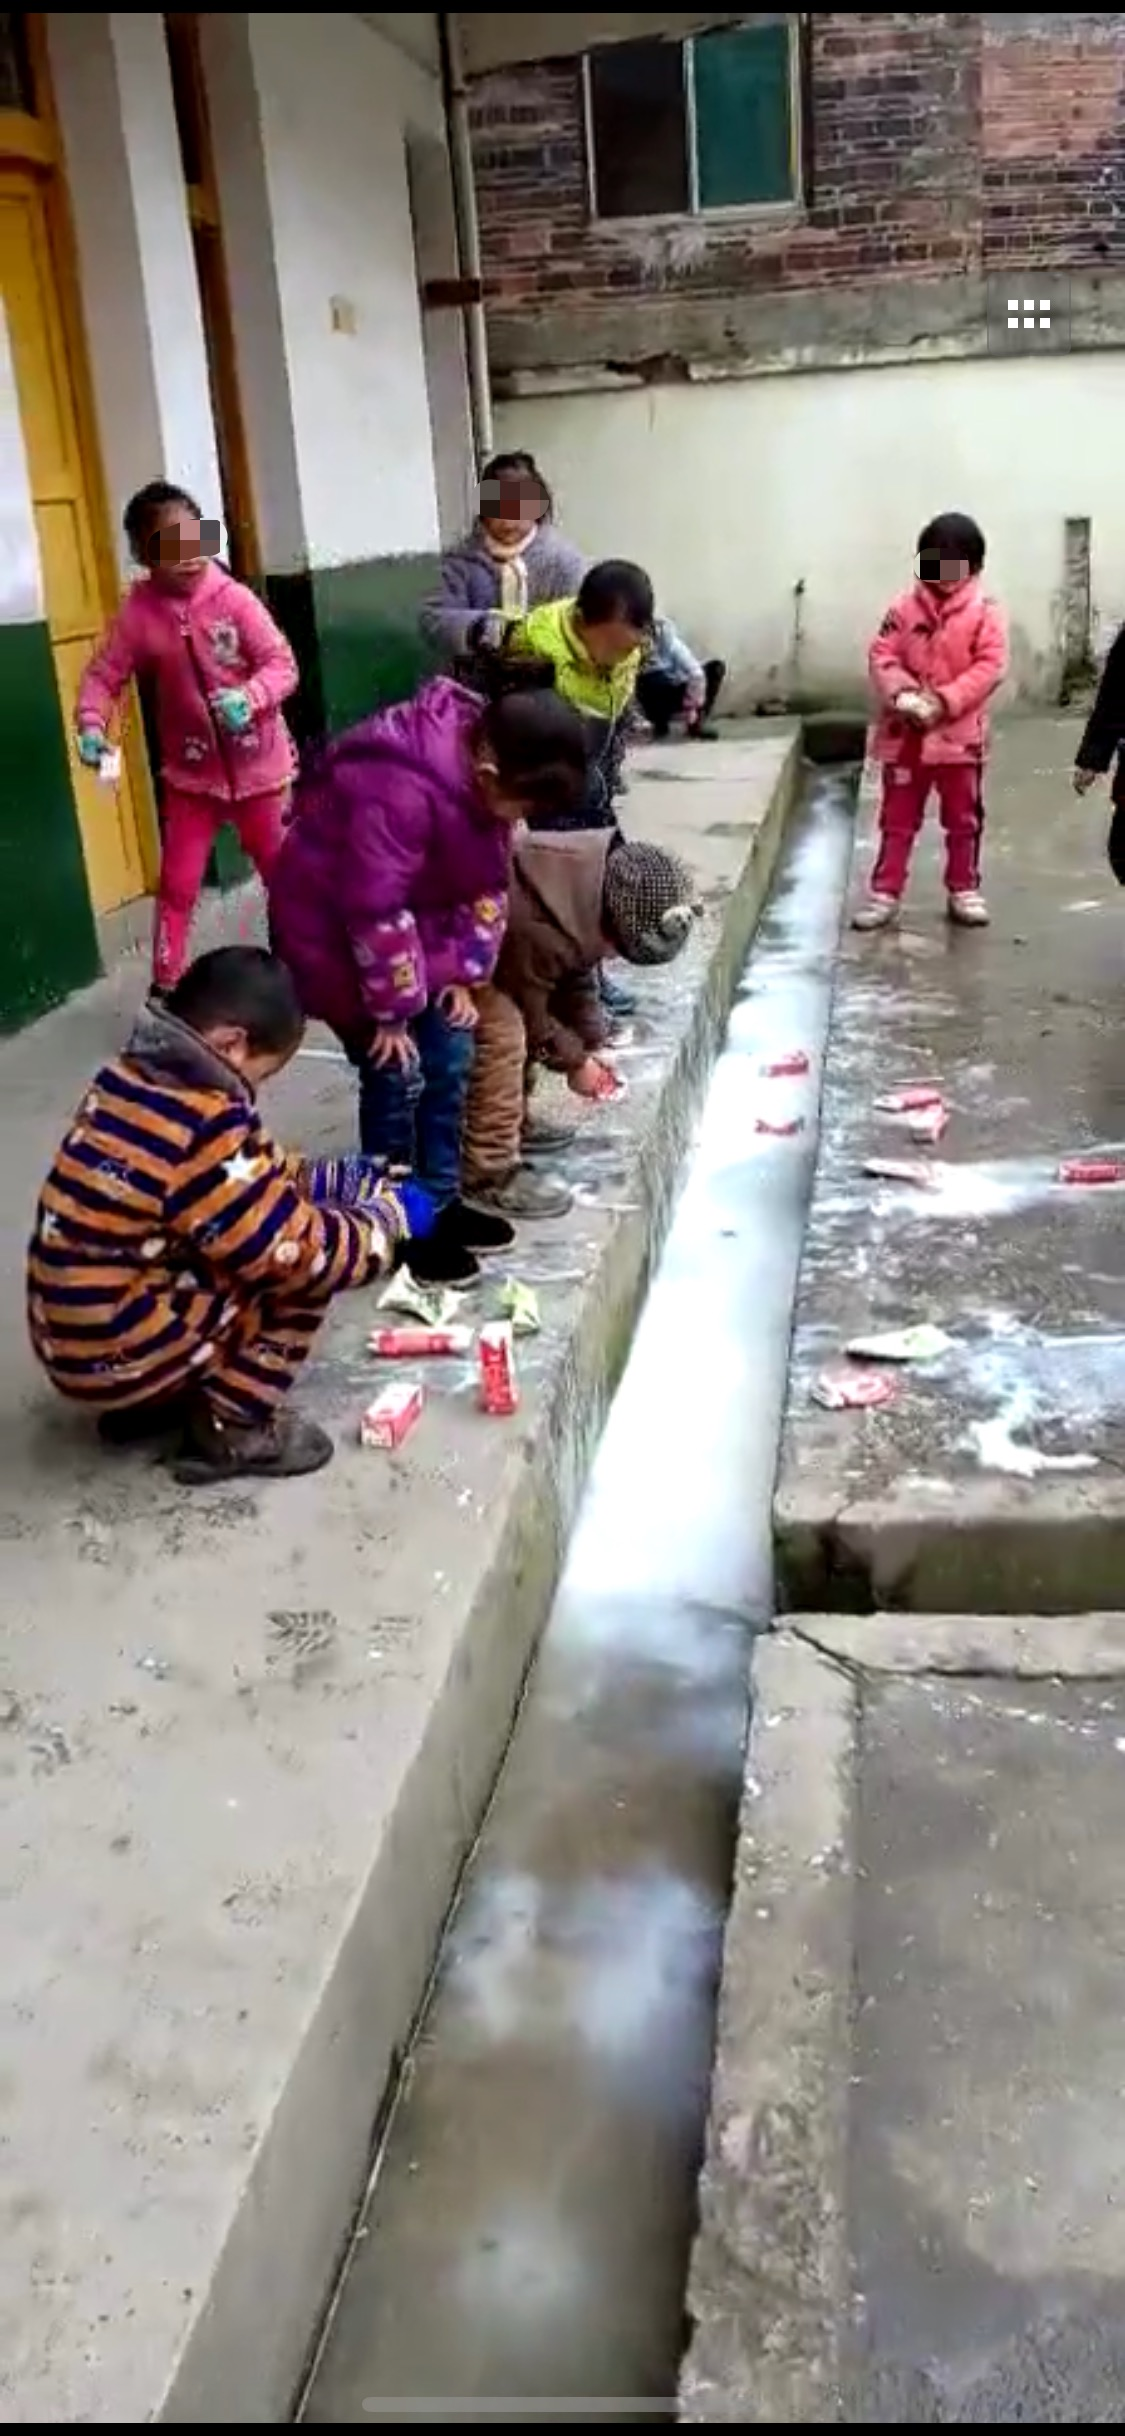 数名小学生蹲在教室外,将手中的牛奶倒入走廊边的水沟。来源:视频截图